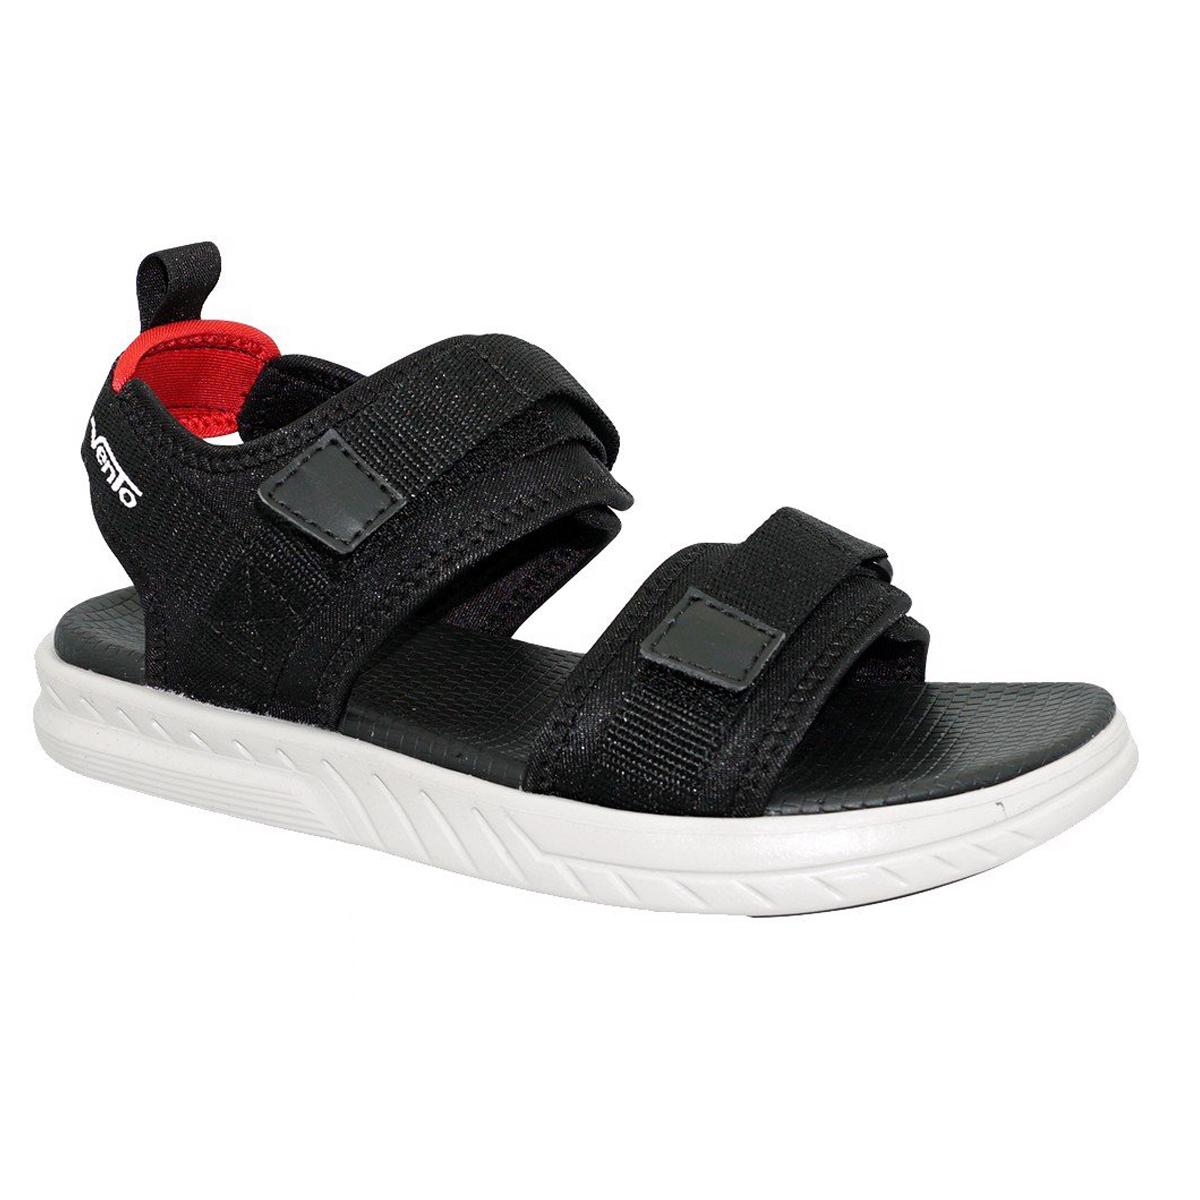 Giày sandal nữ siêu nhẹ hiệu Vento thích hợp mang đi học NB81